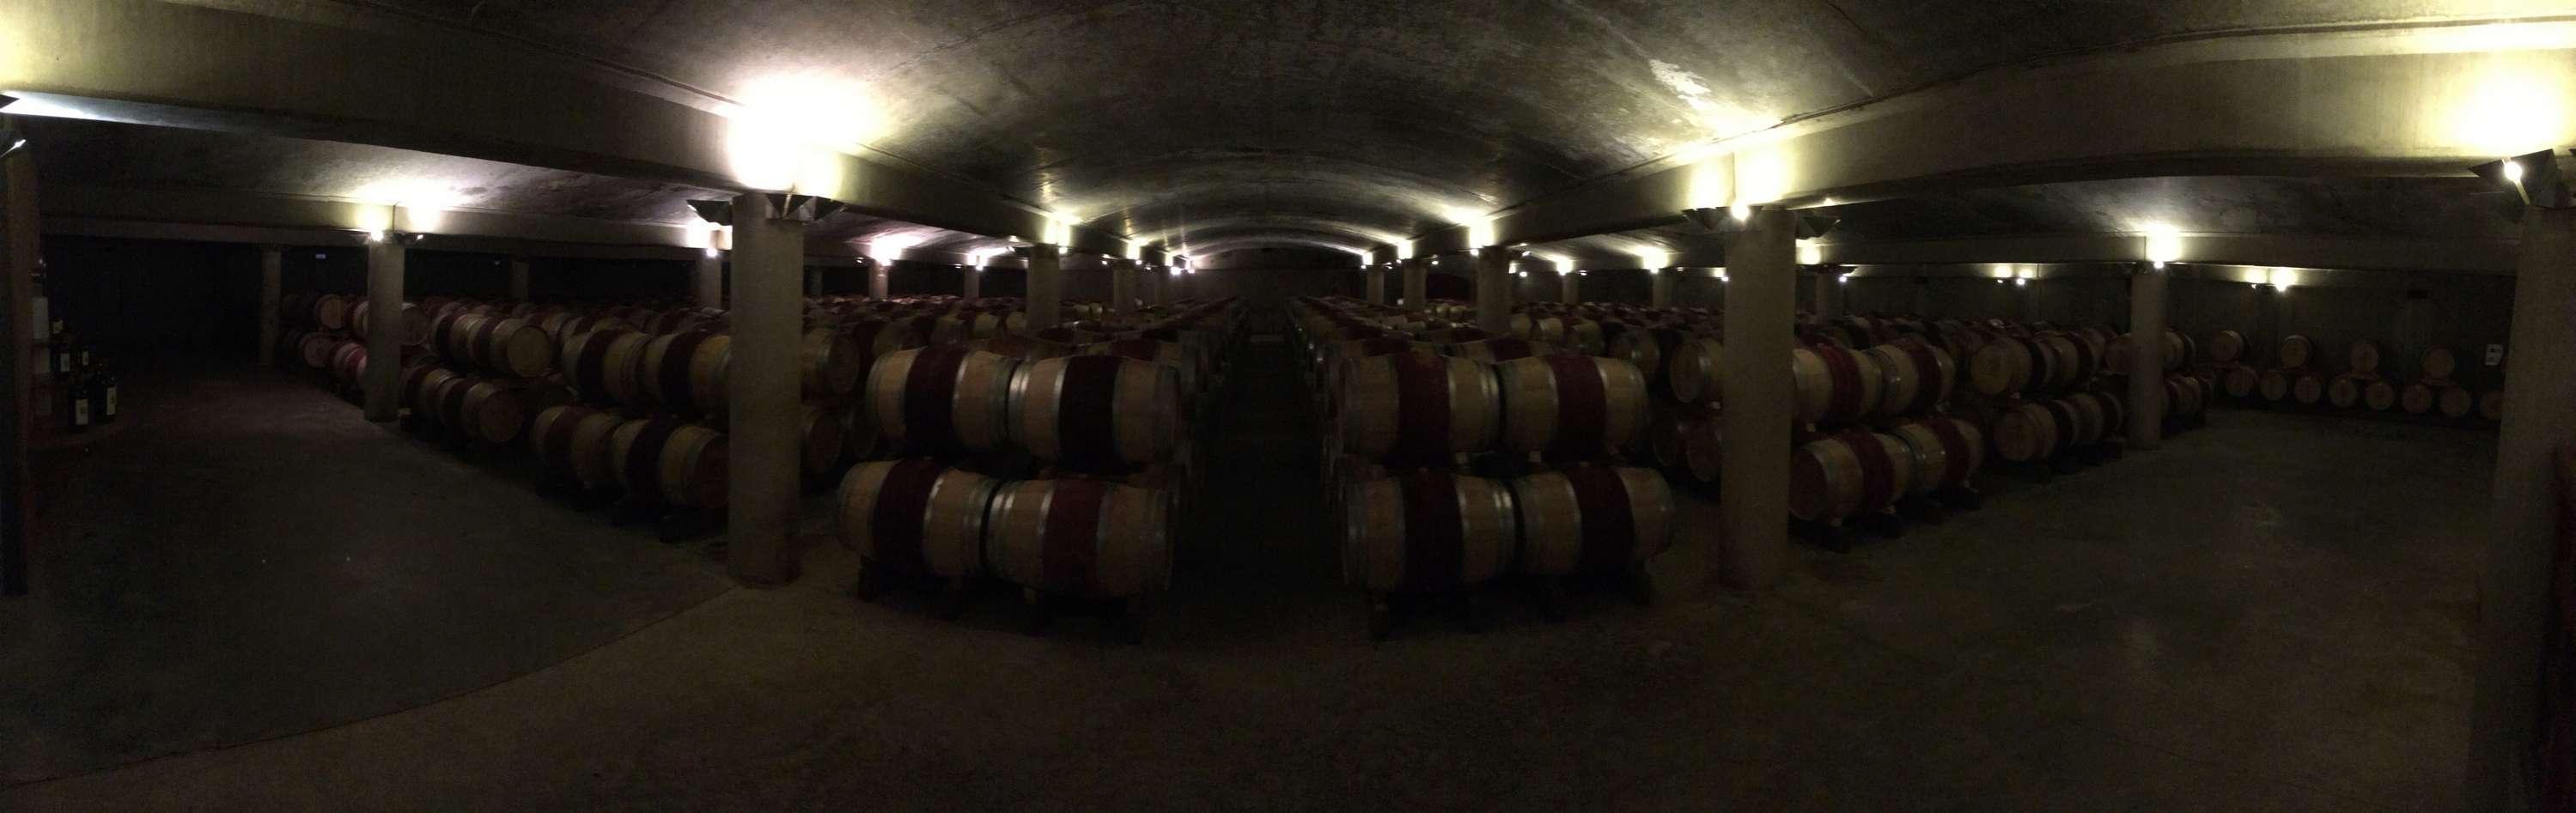 Le vignoble du Pessac Leognan - Page 15 Carbon59